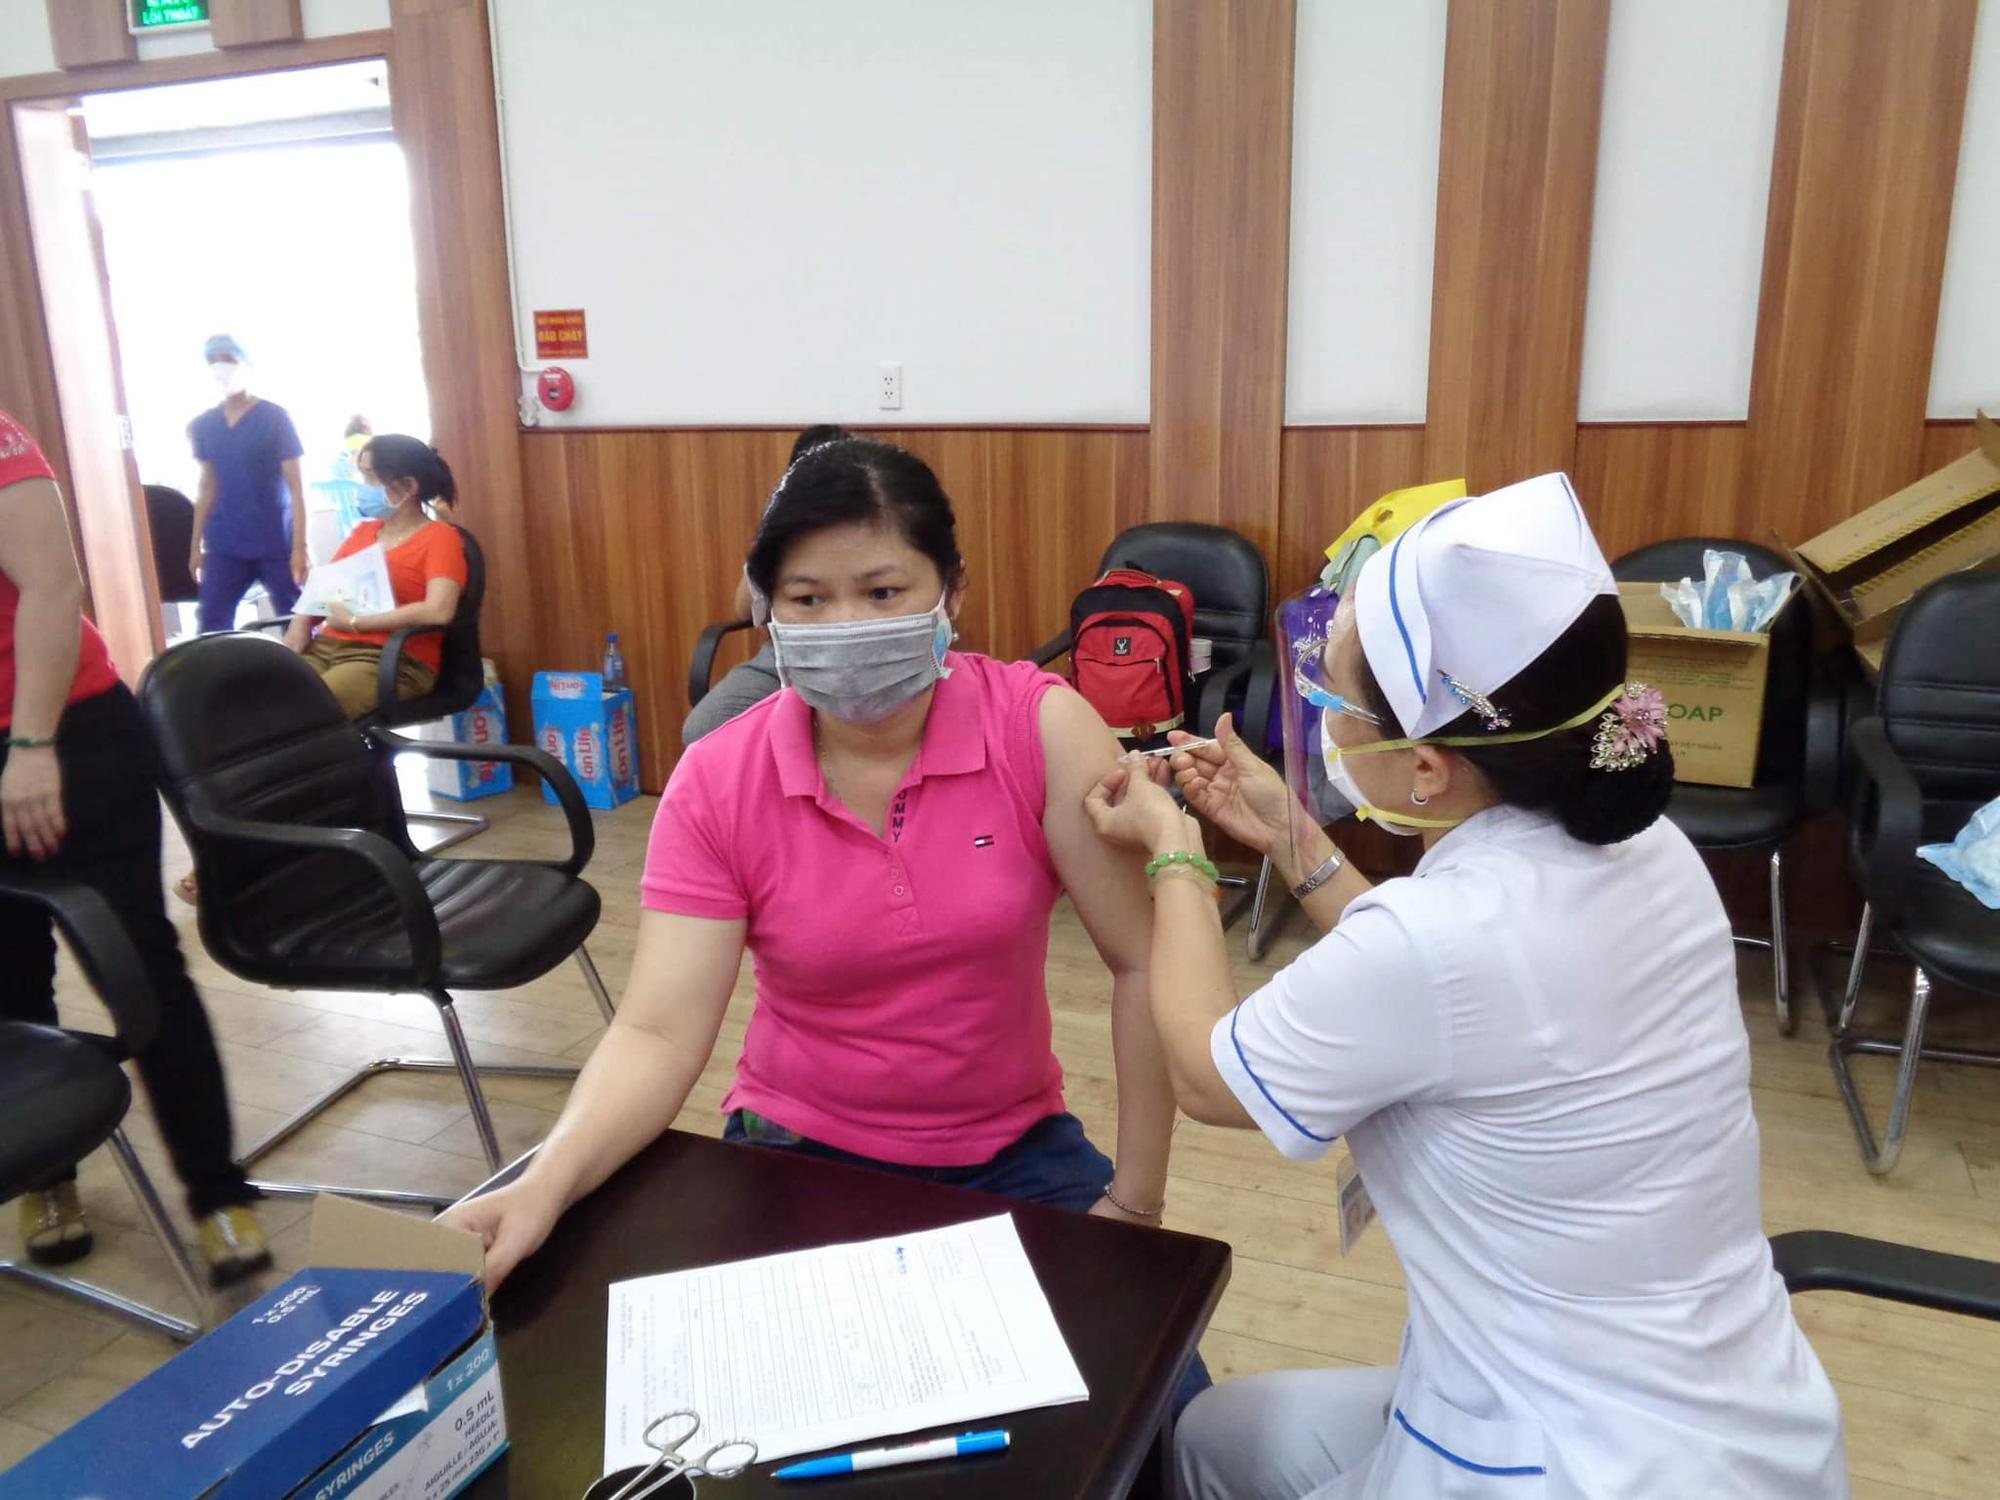 Trong tuần này sẽ có thêm 3 triệu liều vắc xin phòng COVID-19 Moderna về Việt Nam - Ảnh 1.